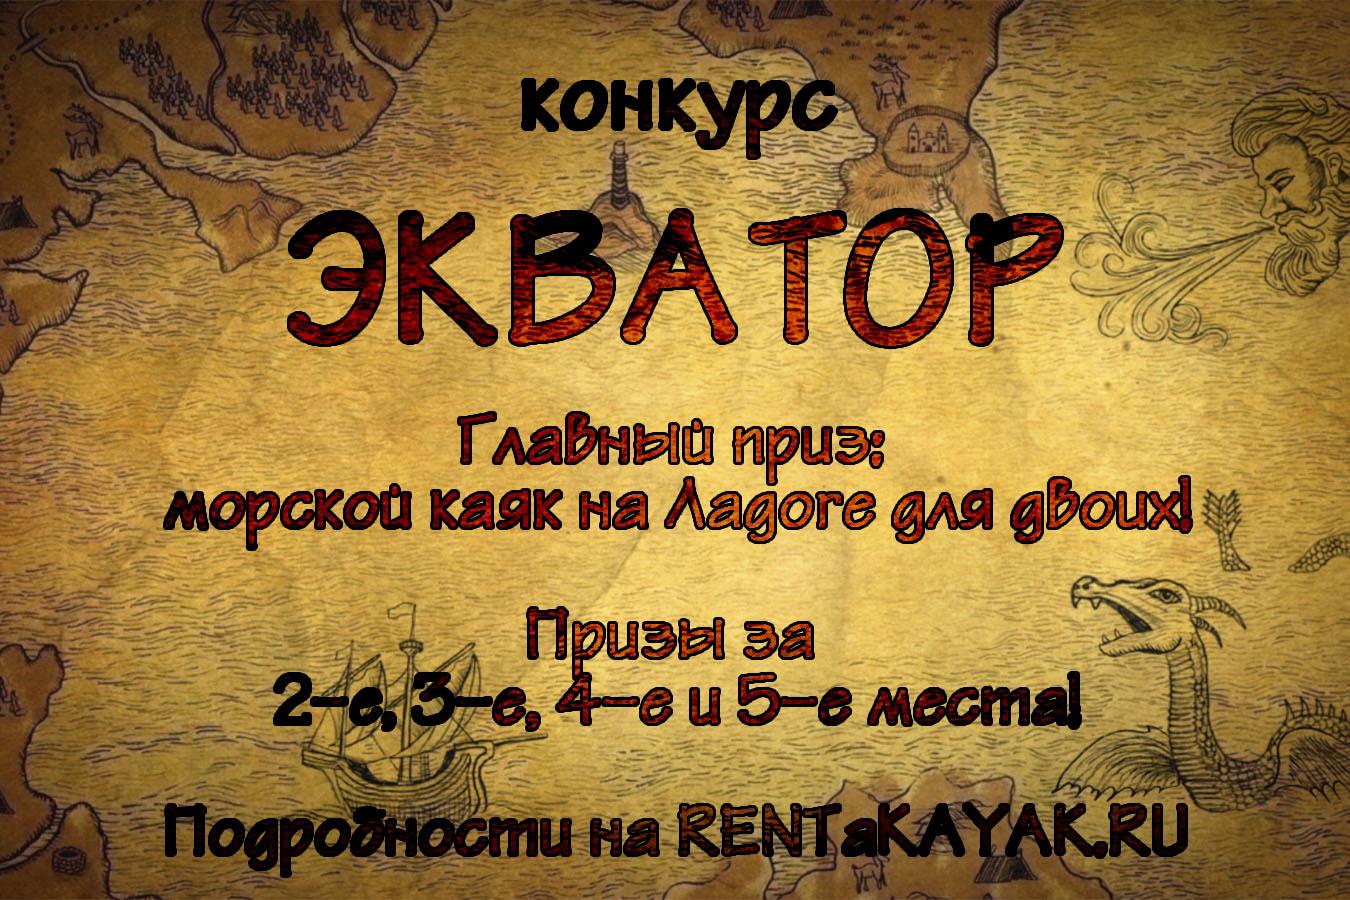 КОНКУРС ЭКВАТОР